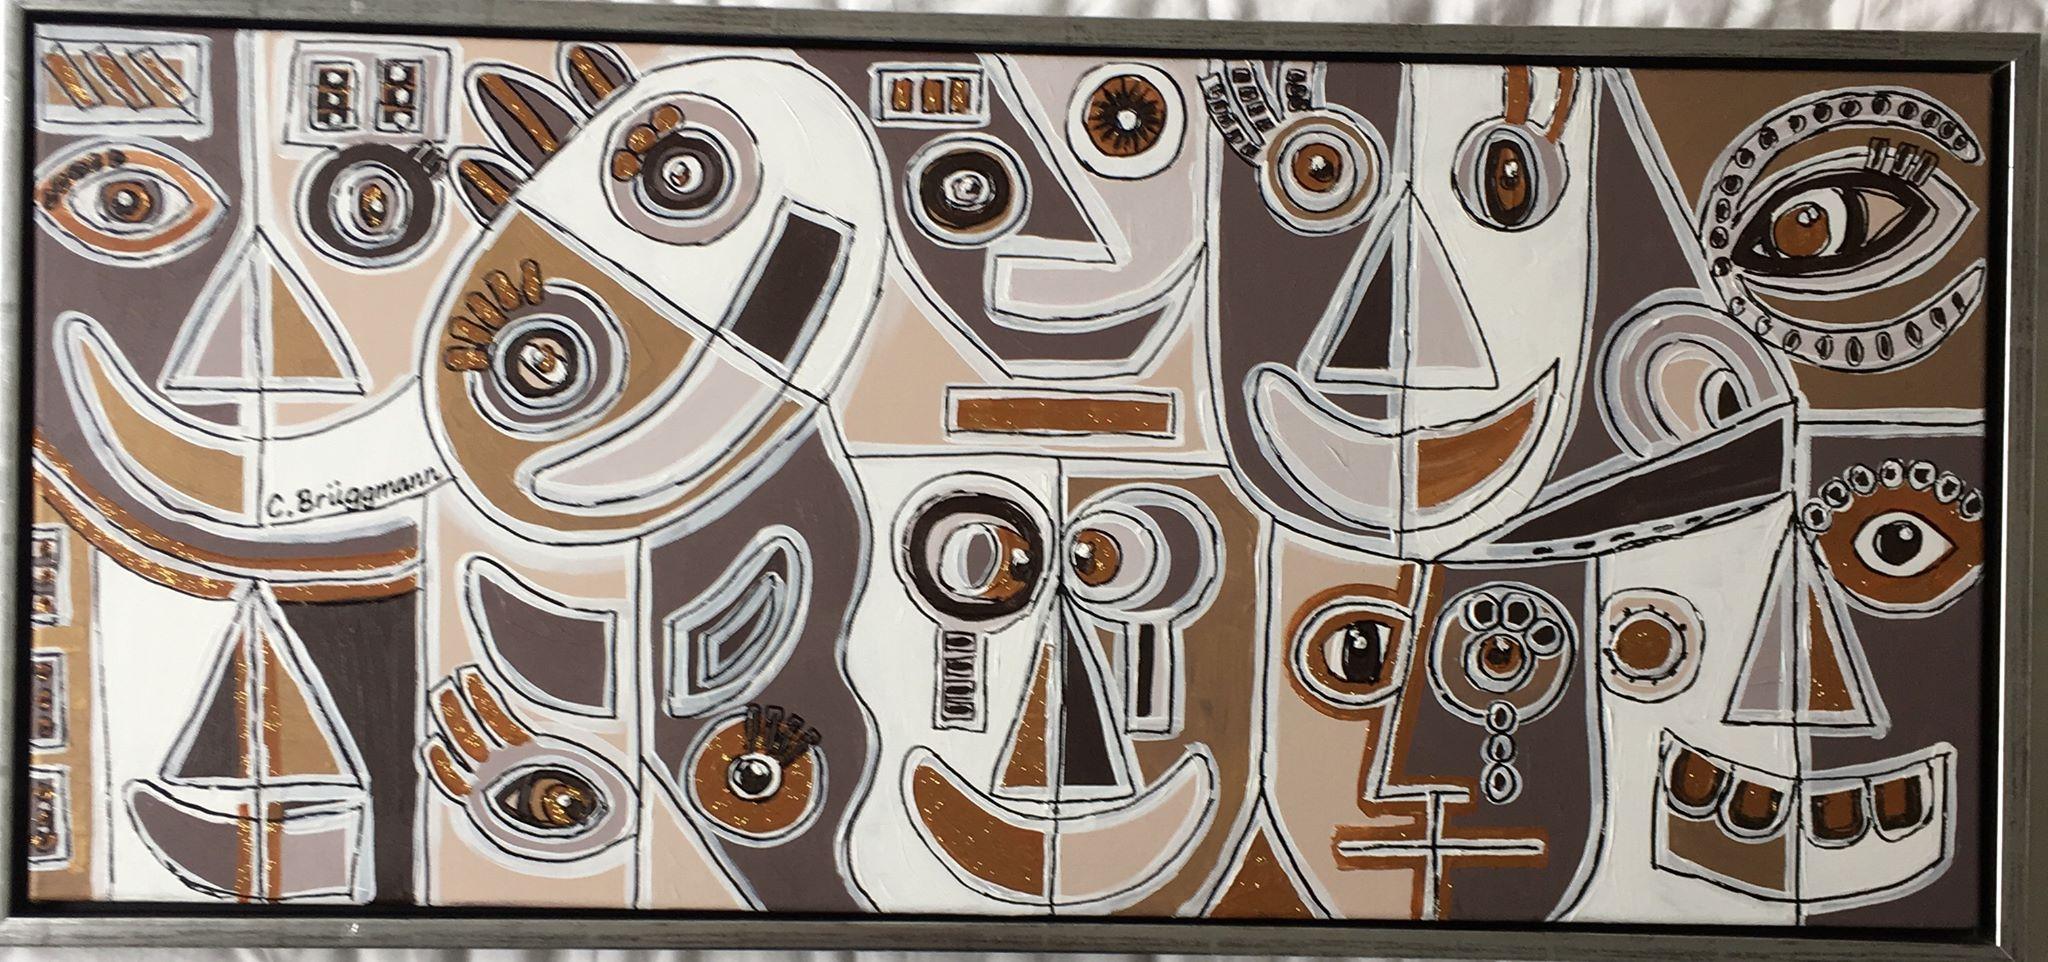 Massa känslor i konsten. Jag målar känslor säger C.Brüggmann, konstnärinna från Helsingborg.